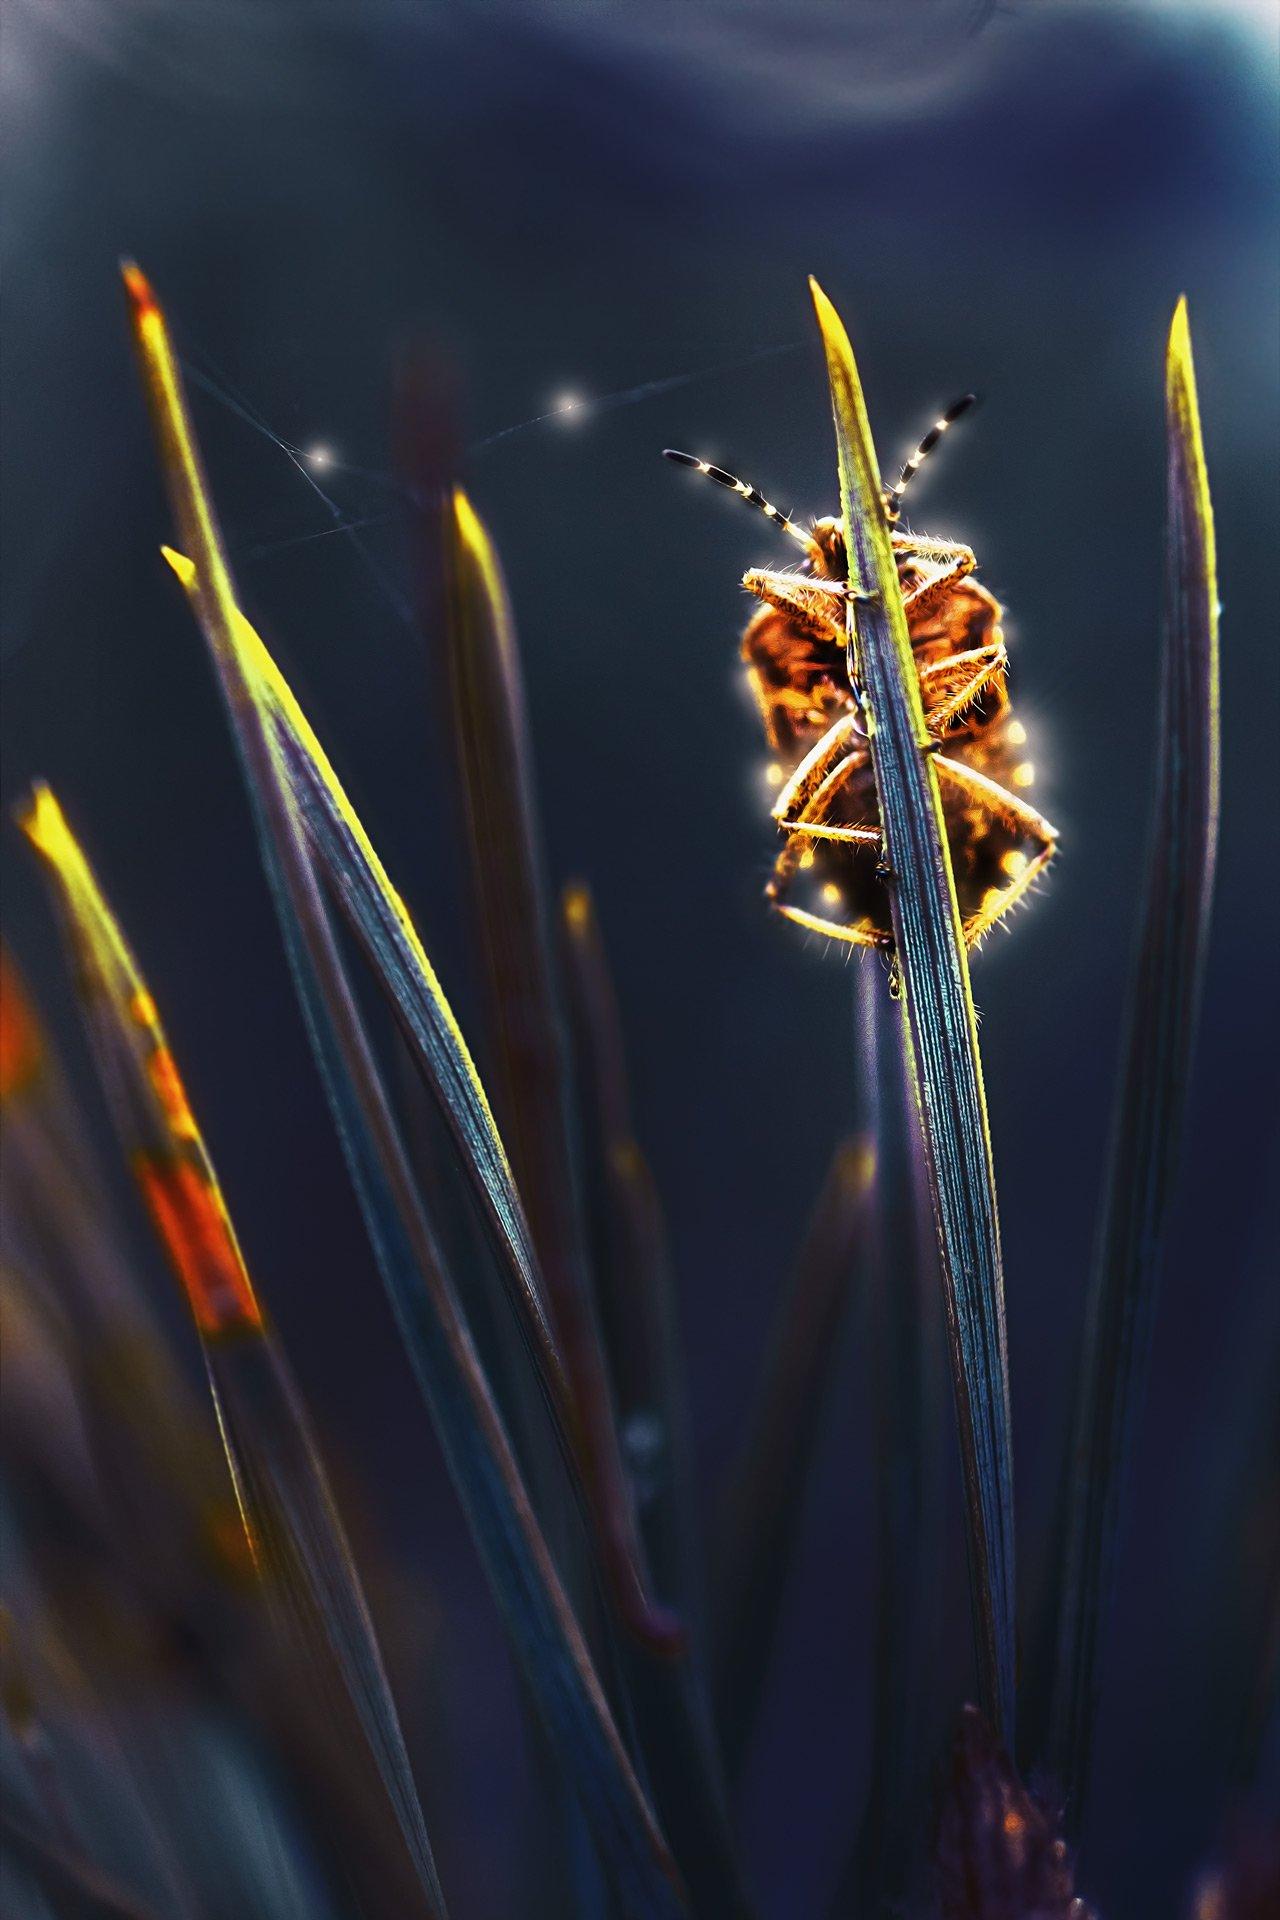 жук,желтый,лист,зелень,свет,насекомое,красный,шмель, Котов Юрий